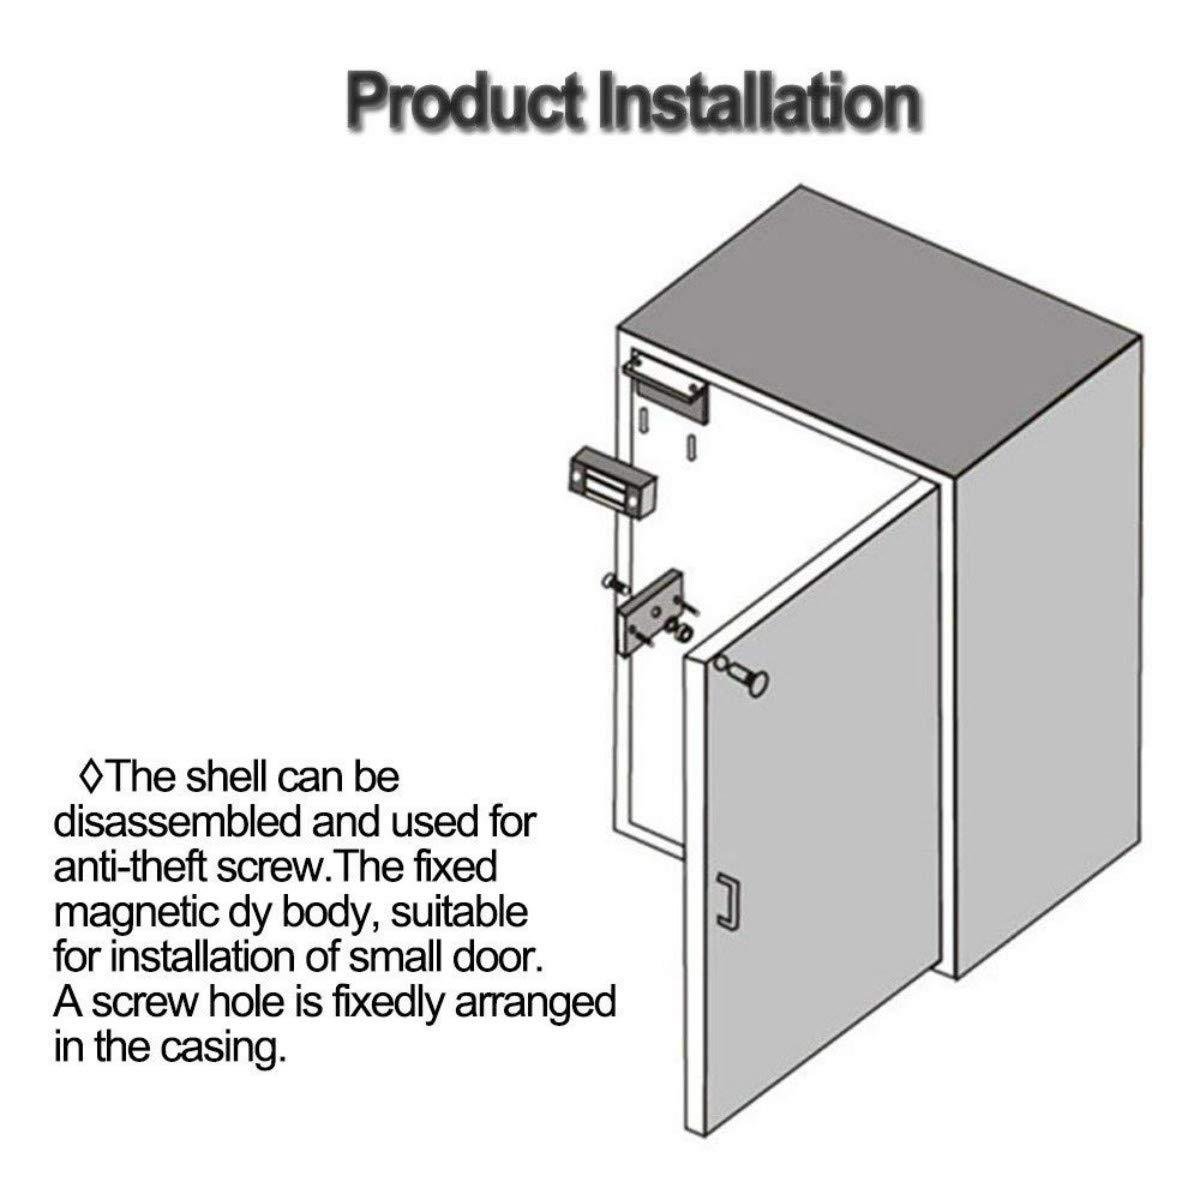 verrouillage de porte magn/étique DC 12V s/écurit/é ext/érieure et int/érieu YAVIS Serrure /électromagn/étique /électrique magn/étique 60 kg 135Lbs pour syst/ème de contr/ôle dacc/ès